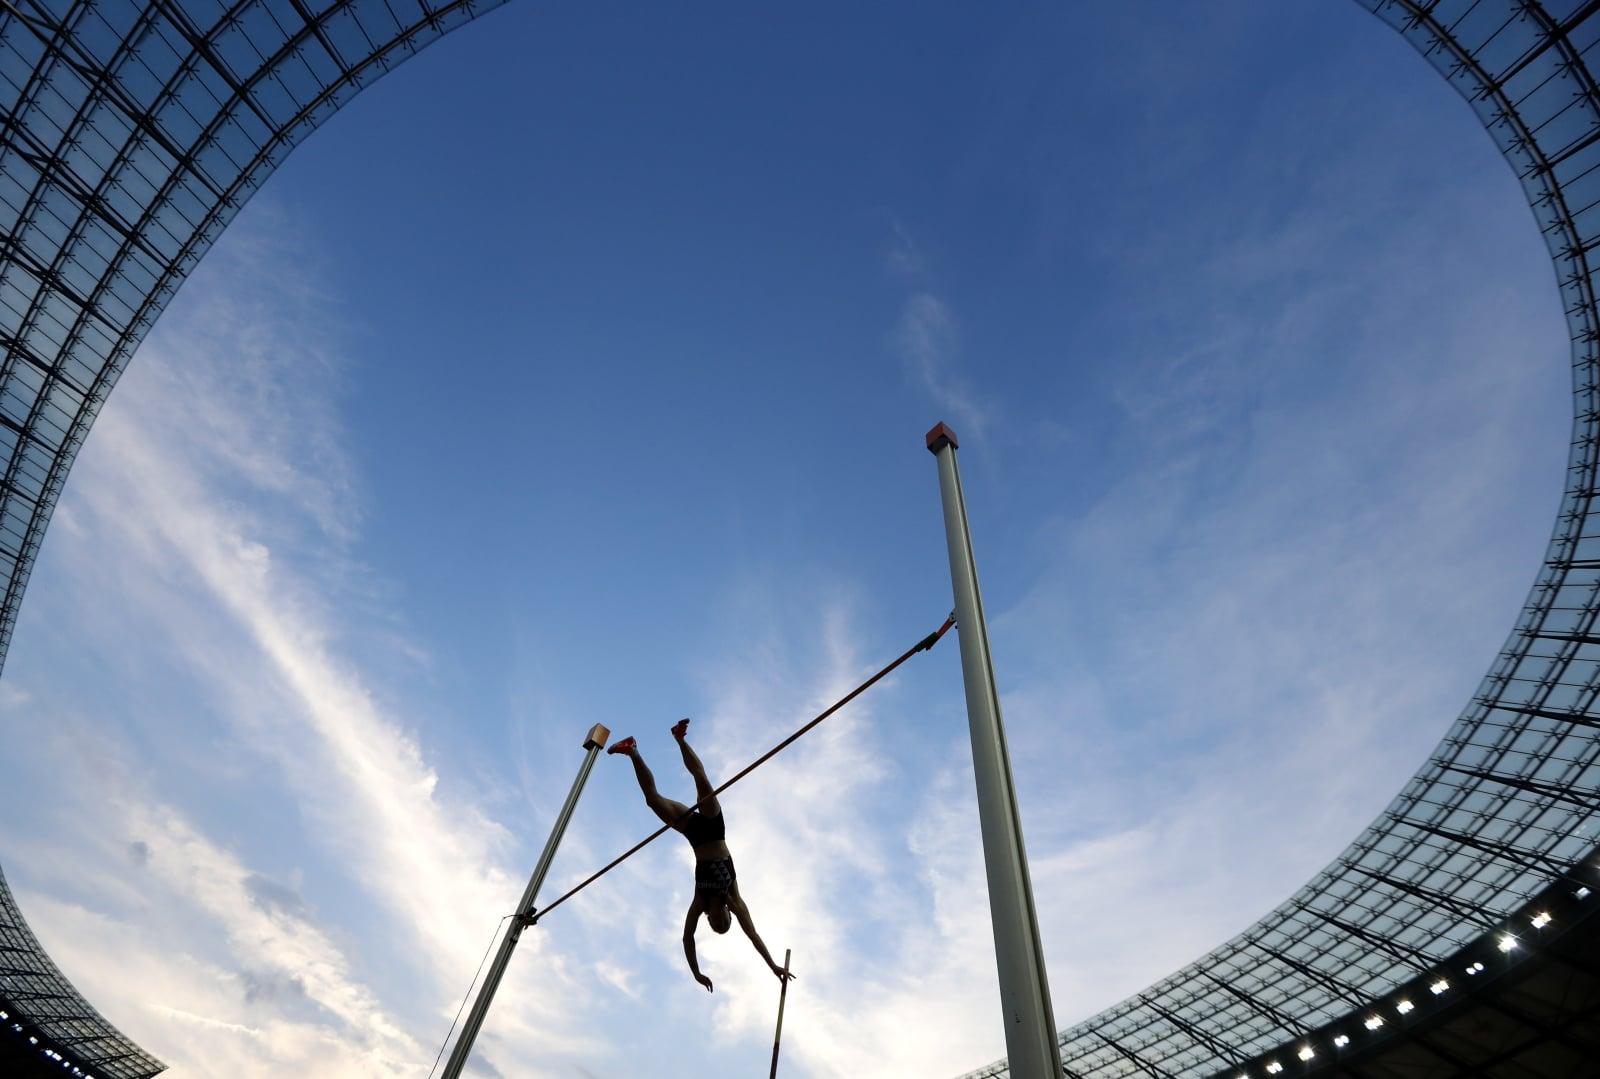 Mistrzostwa Europy w Lekkoatletyce fot. EPA/FELIPE TRUEBA